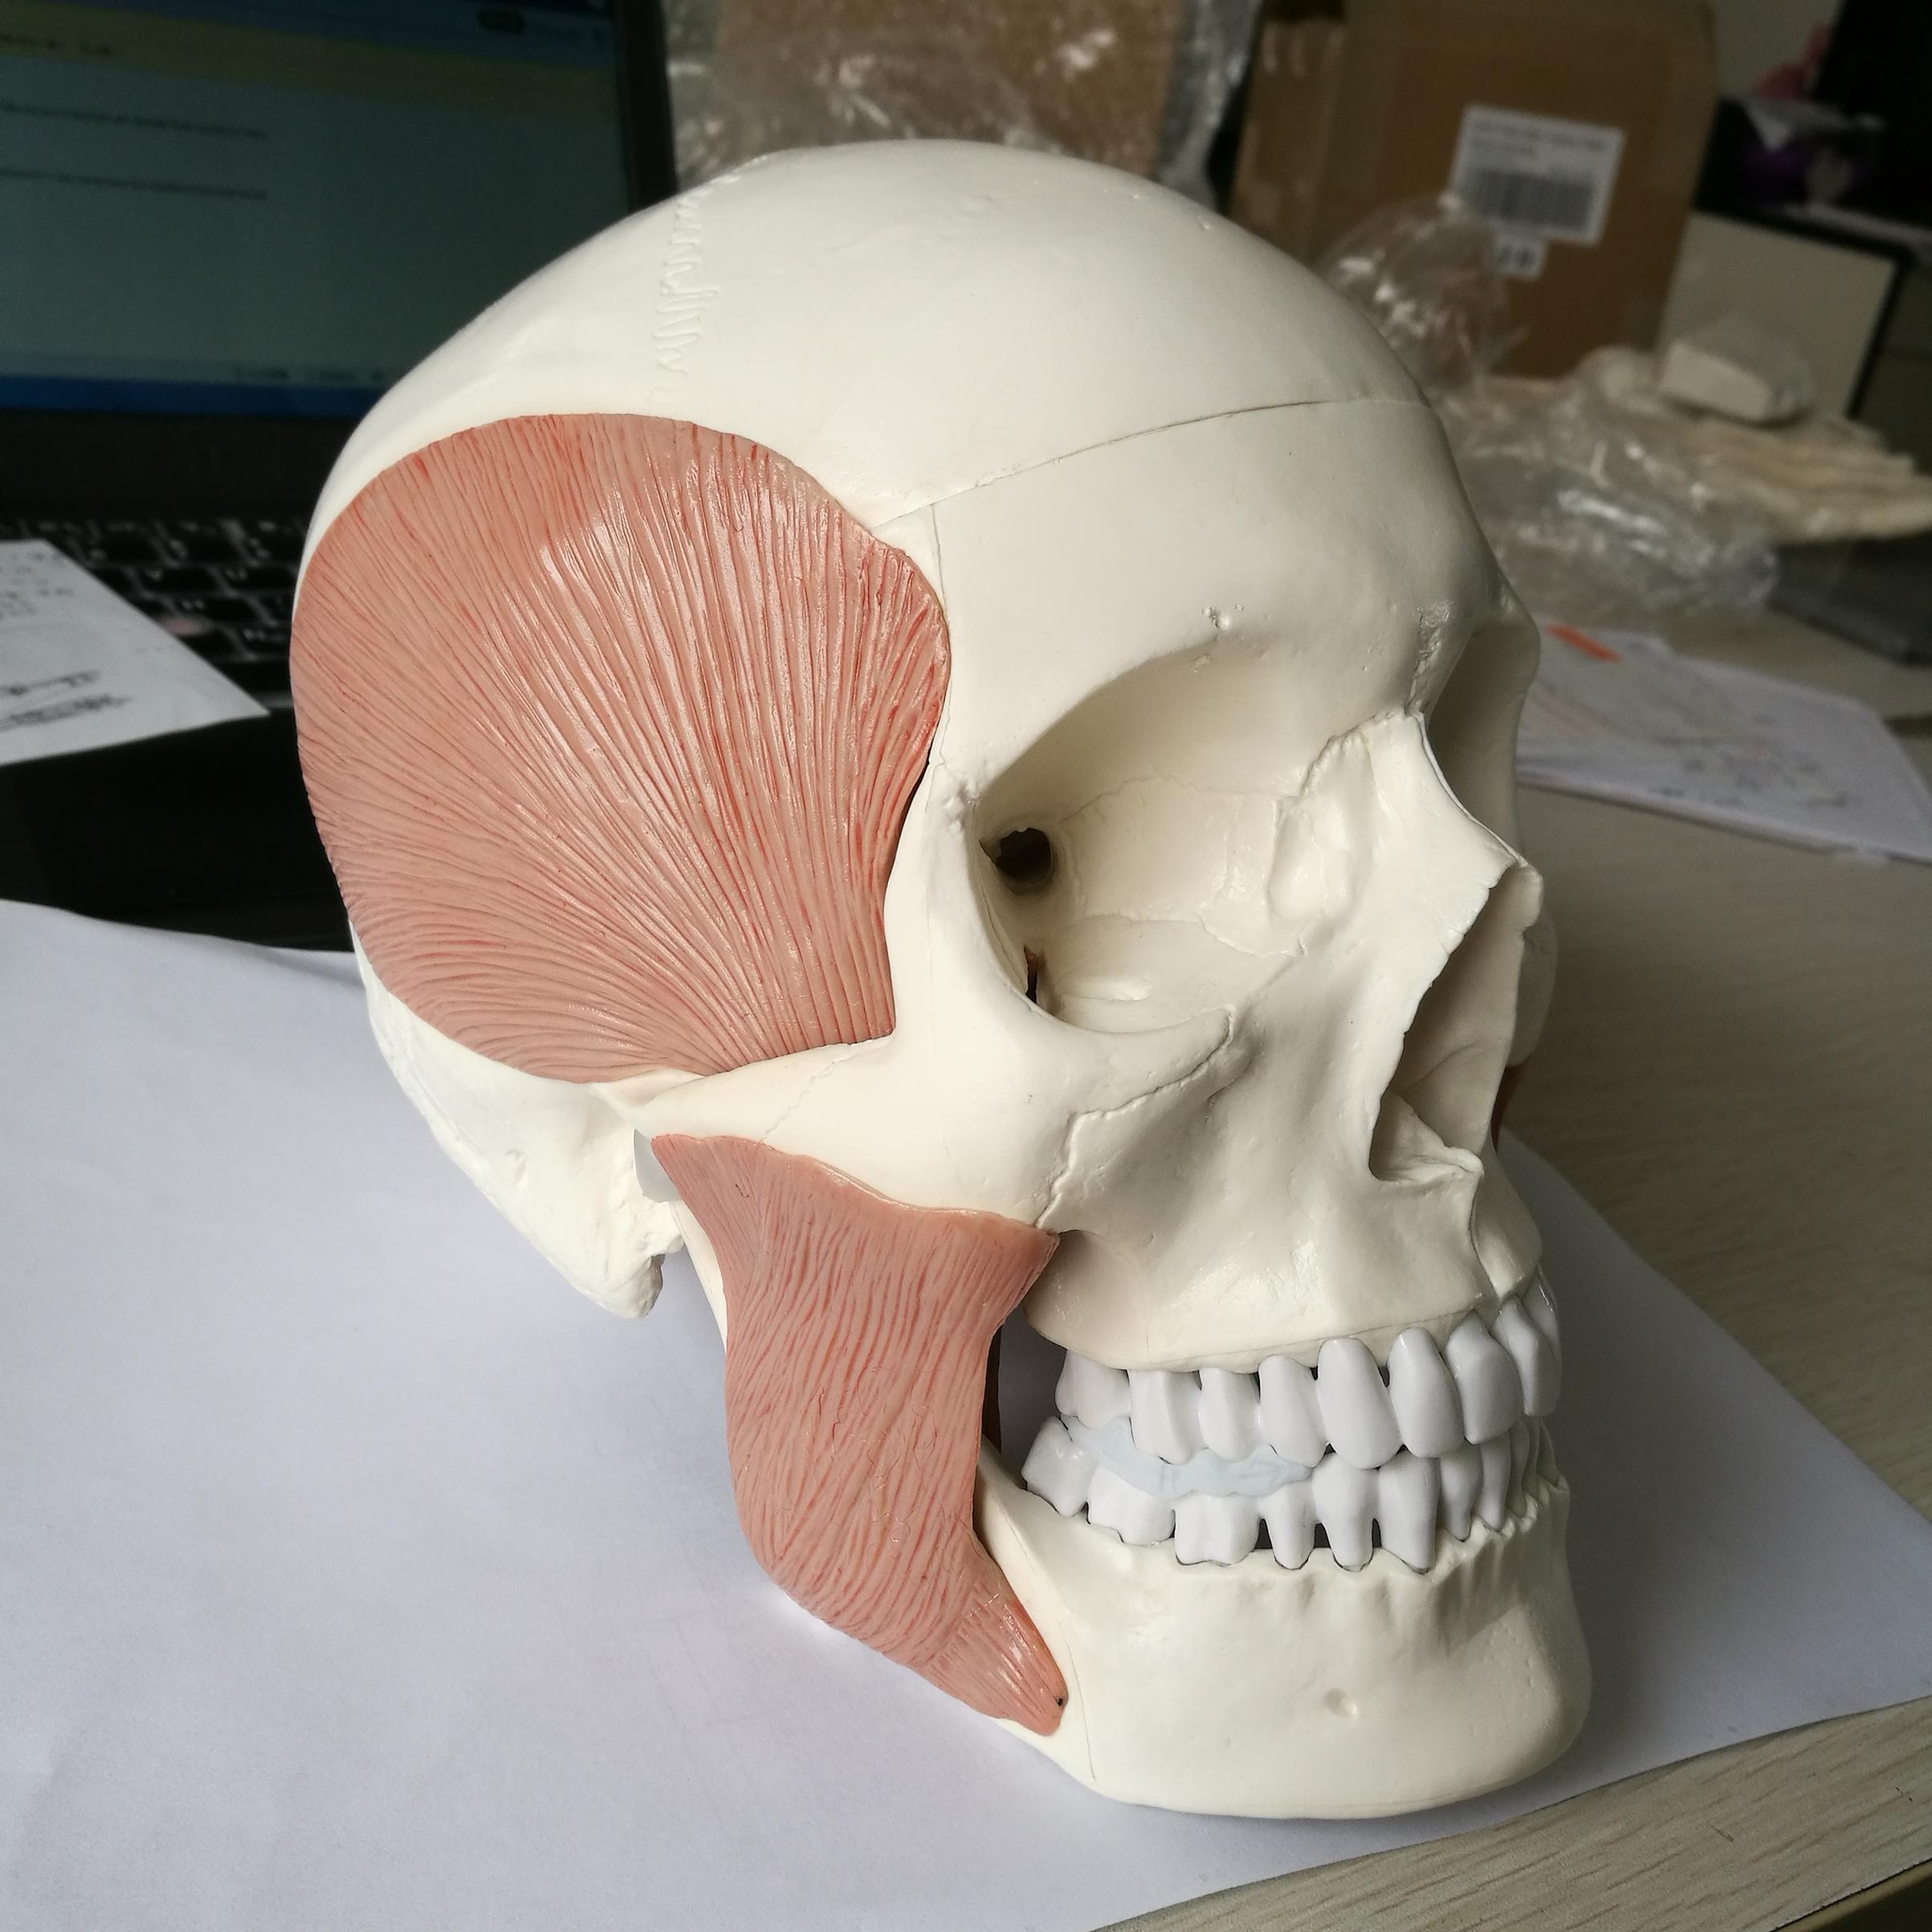 Voksenkranie med tyggemuskulatur i alt i 11 dele